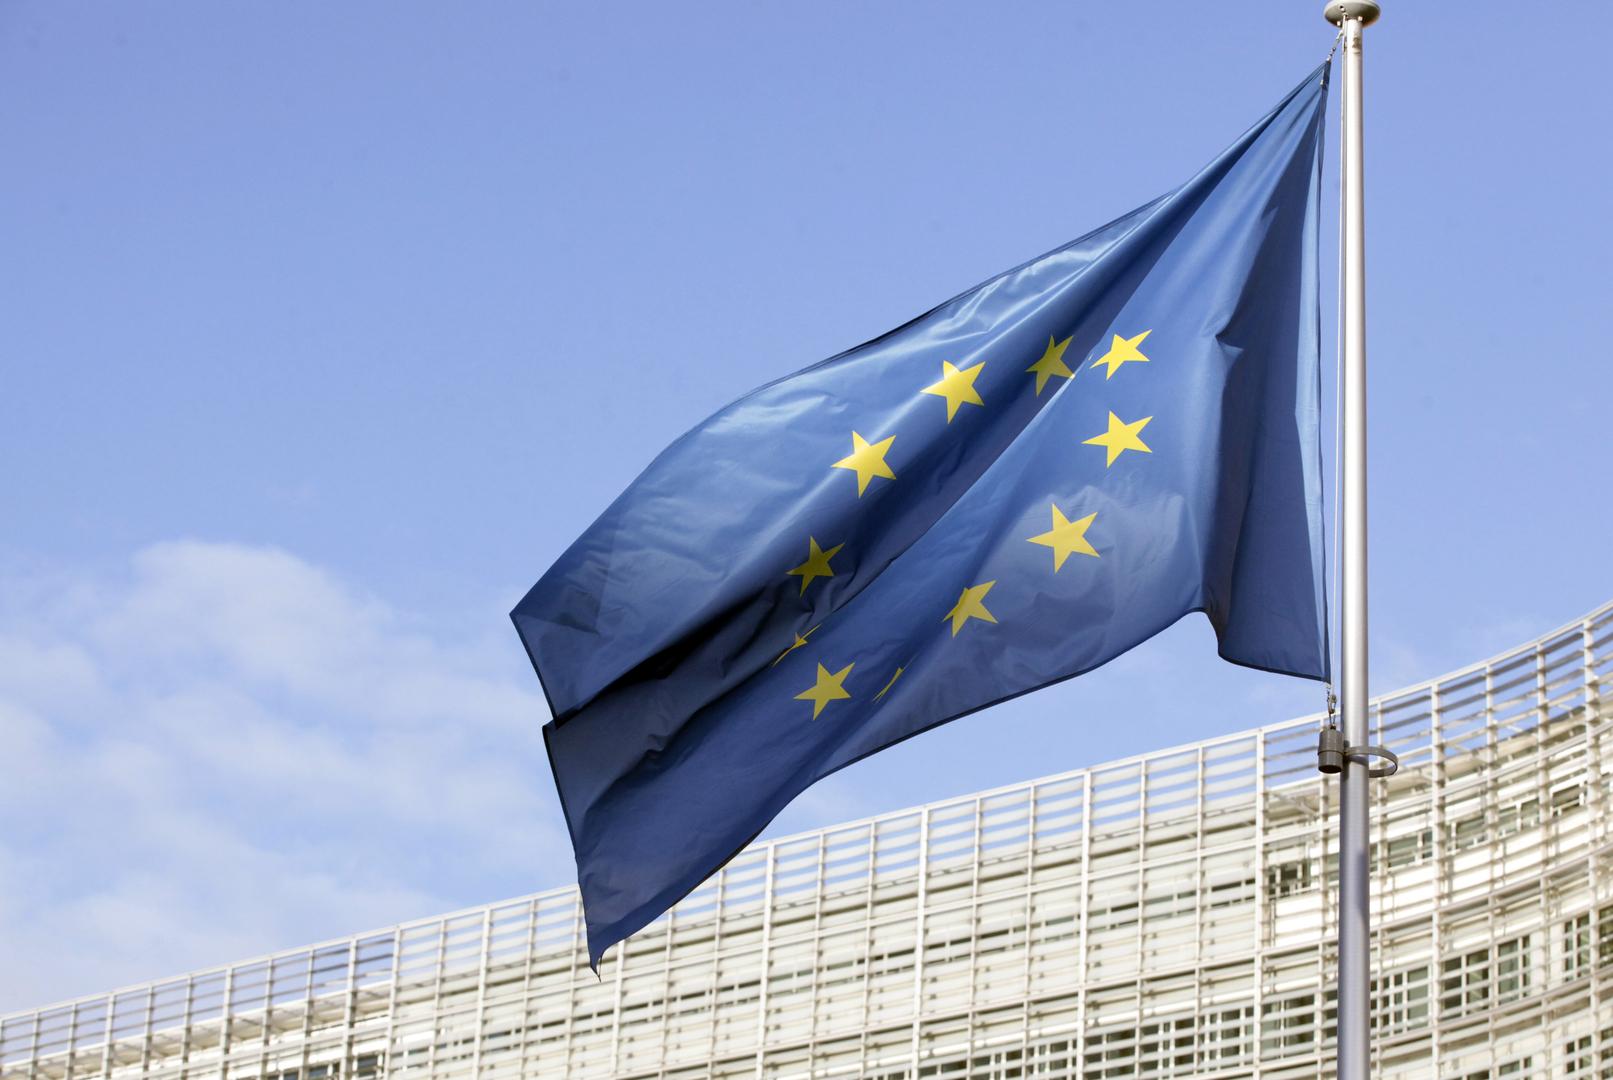 بعثة الاتحاد الأوروبي لدى ليبيا تعلق على اجتماعات لجنة تابعة للحوار السياسي الليبي في جنيف